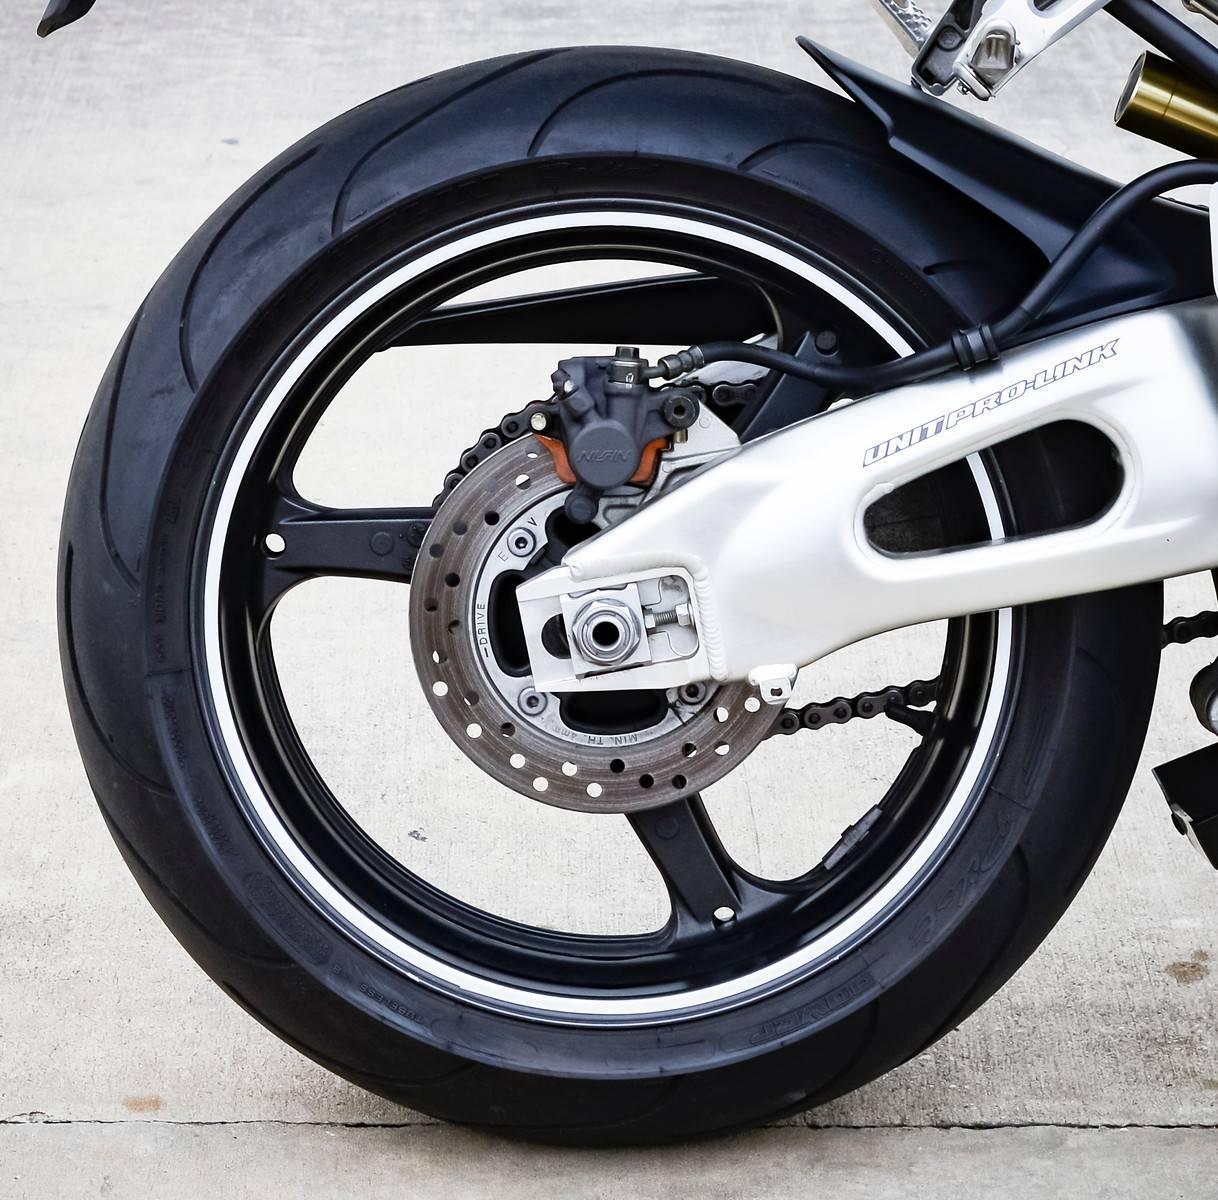 2006 Honda CBR1000RR 5